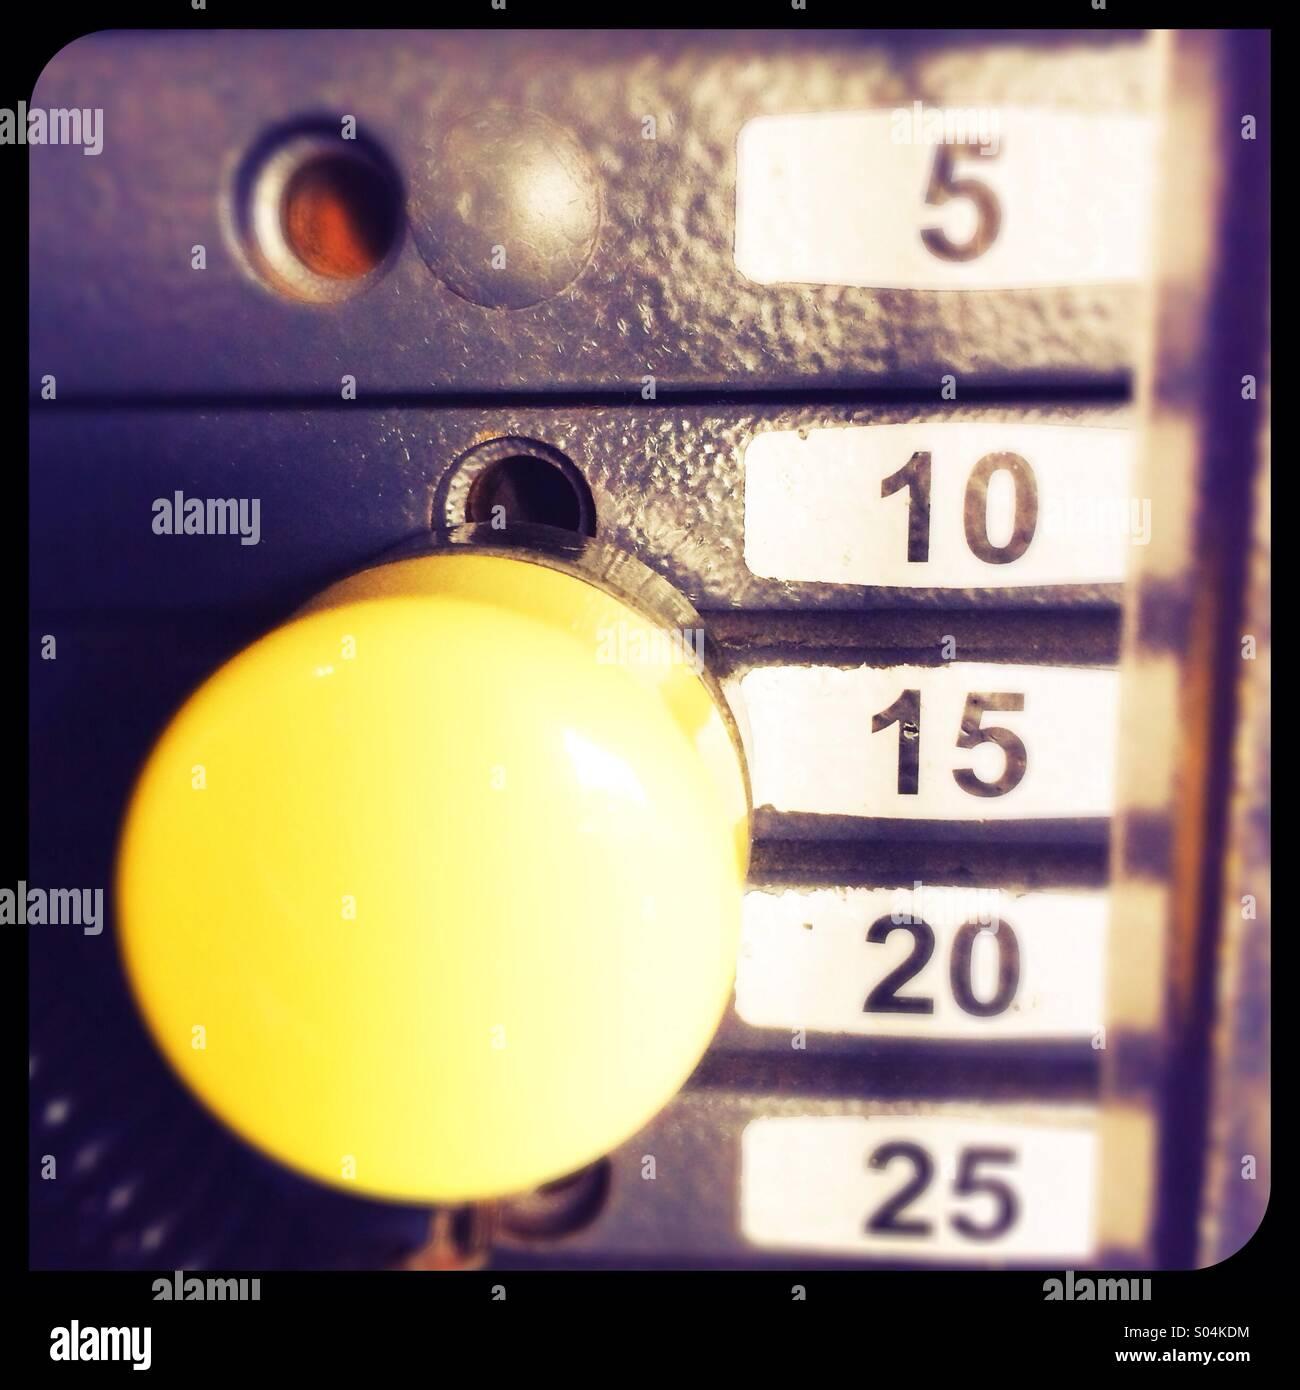 Poids de la machine d'exercice Photo Stock